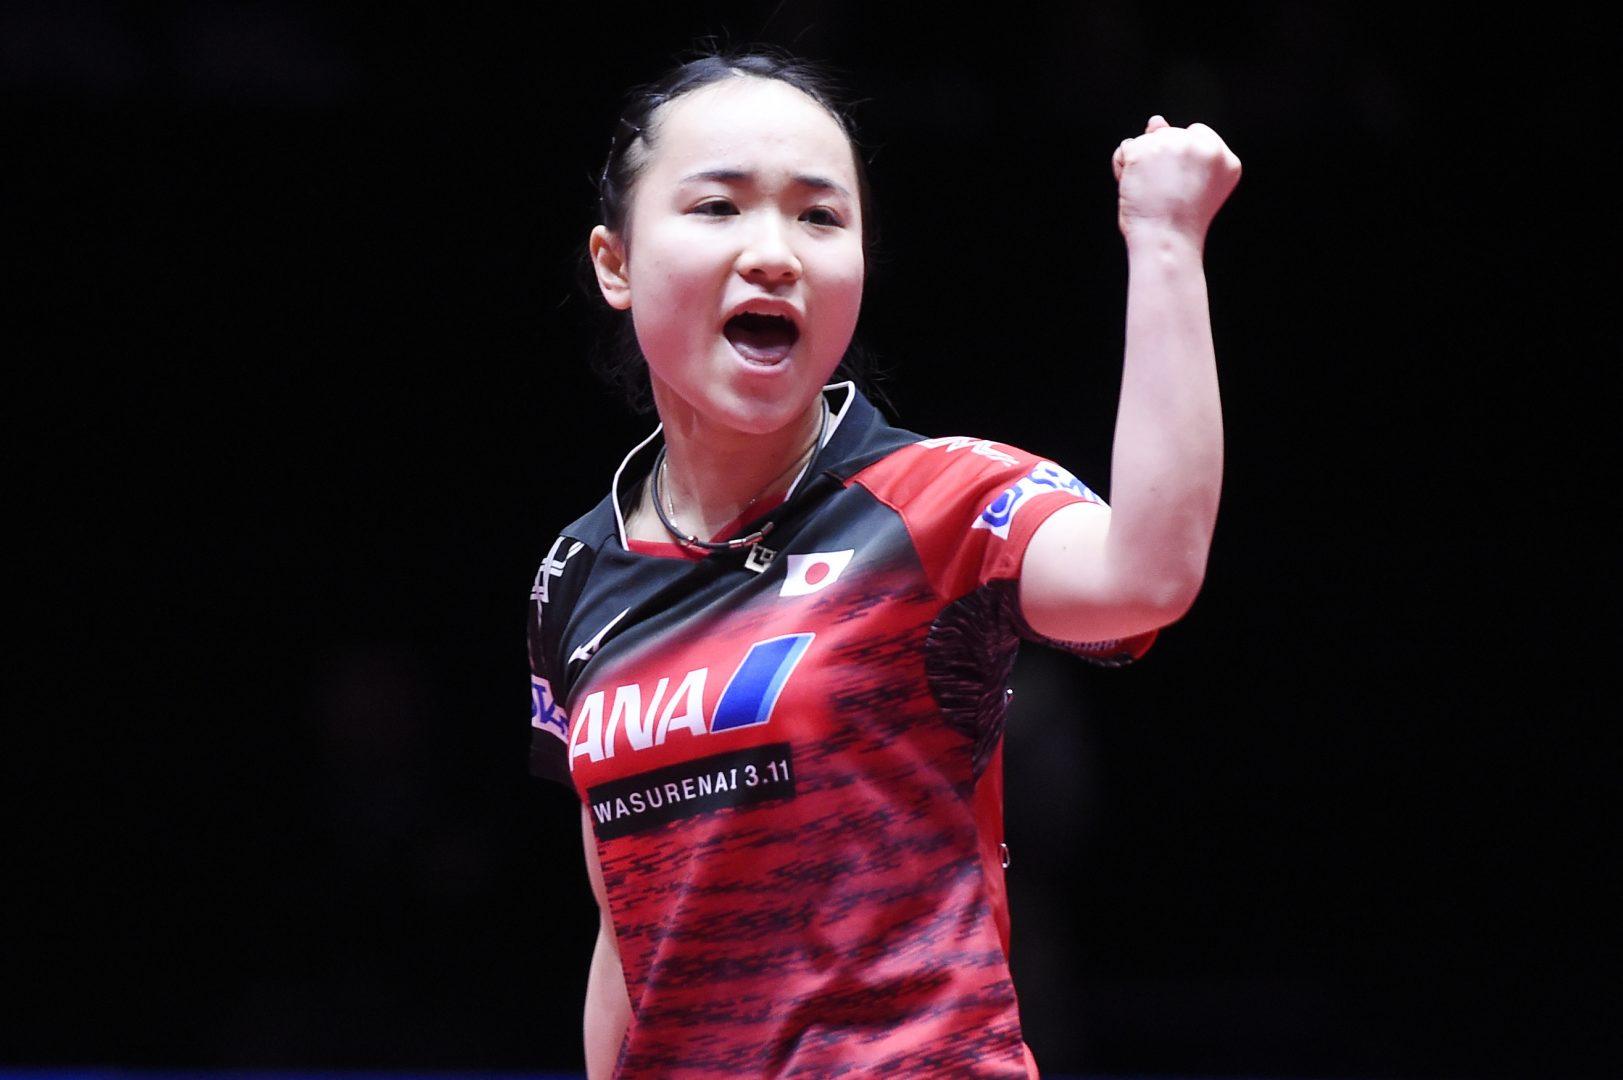 日本女子圧勝でメダル確定 南北合同コリアとの歴史的一戦へ弾み【世界卓球2018】